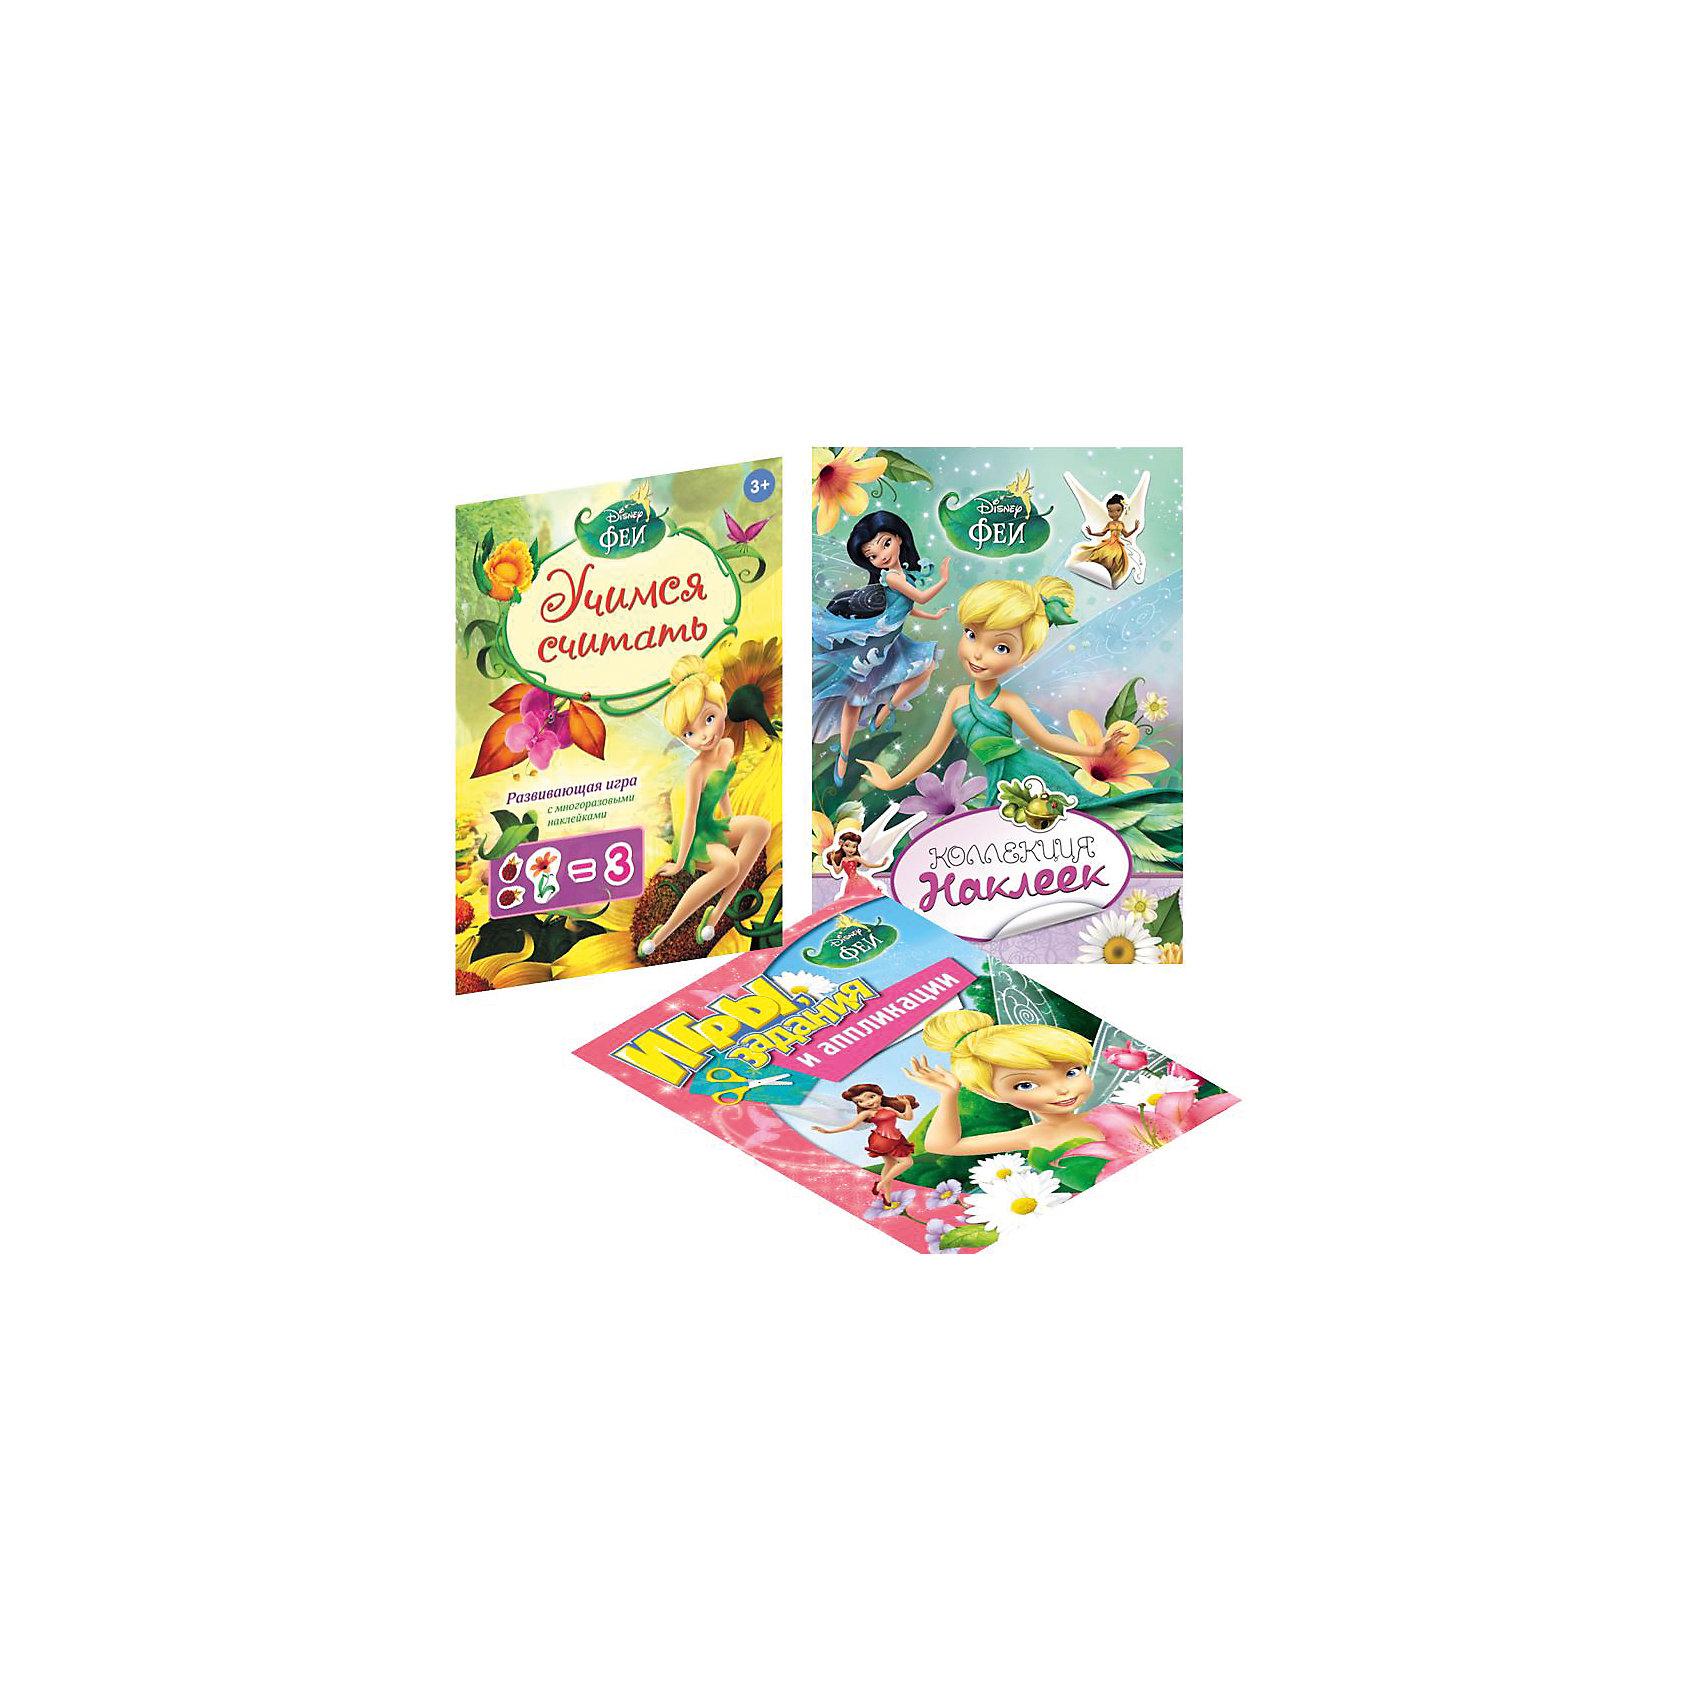 Росмэн Комплект для девочек (наклейки, раскраски, игры) ben10 игры и наклейки